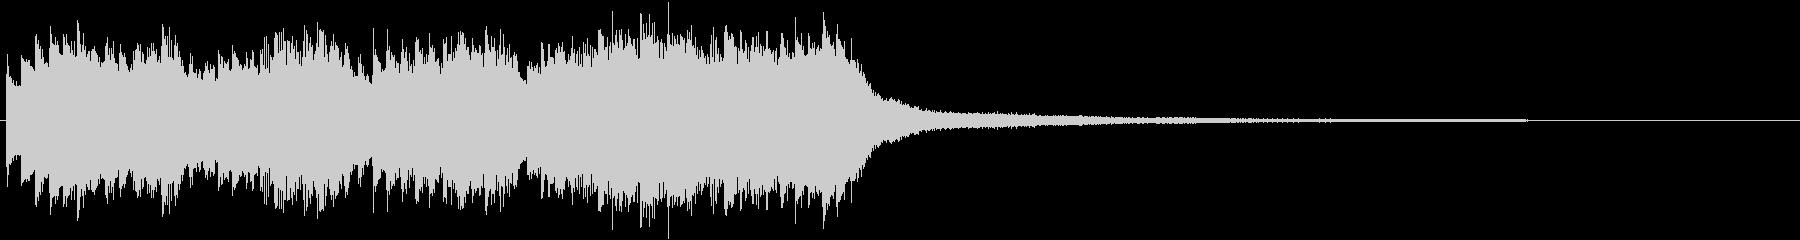 ゲームの選択画面イメージのピアノ曲の未再生の波形